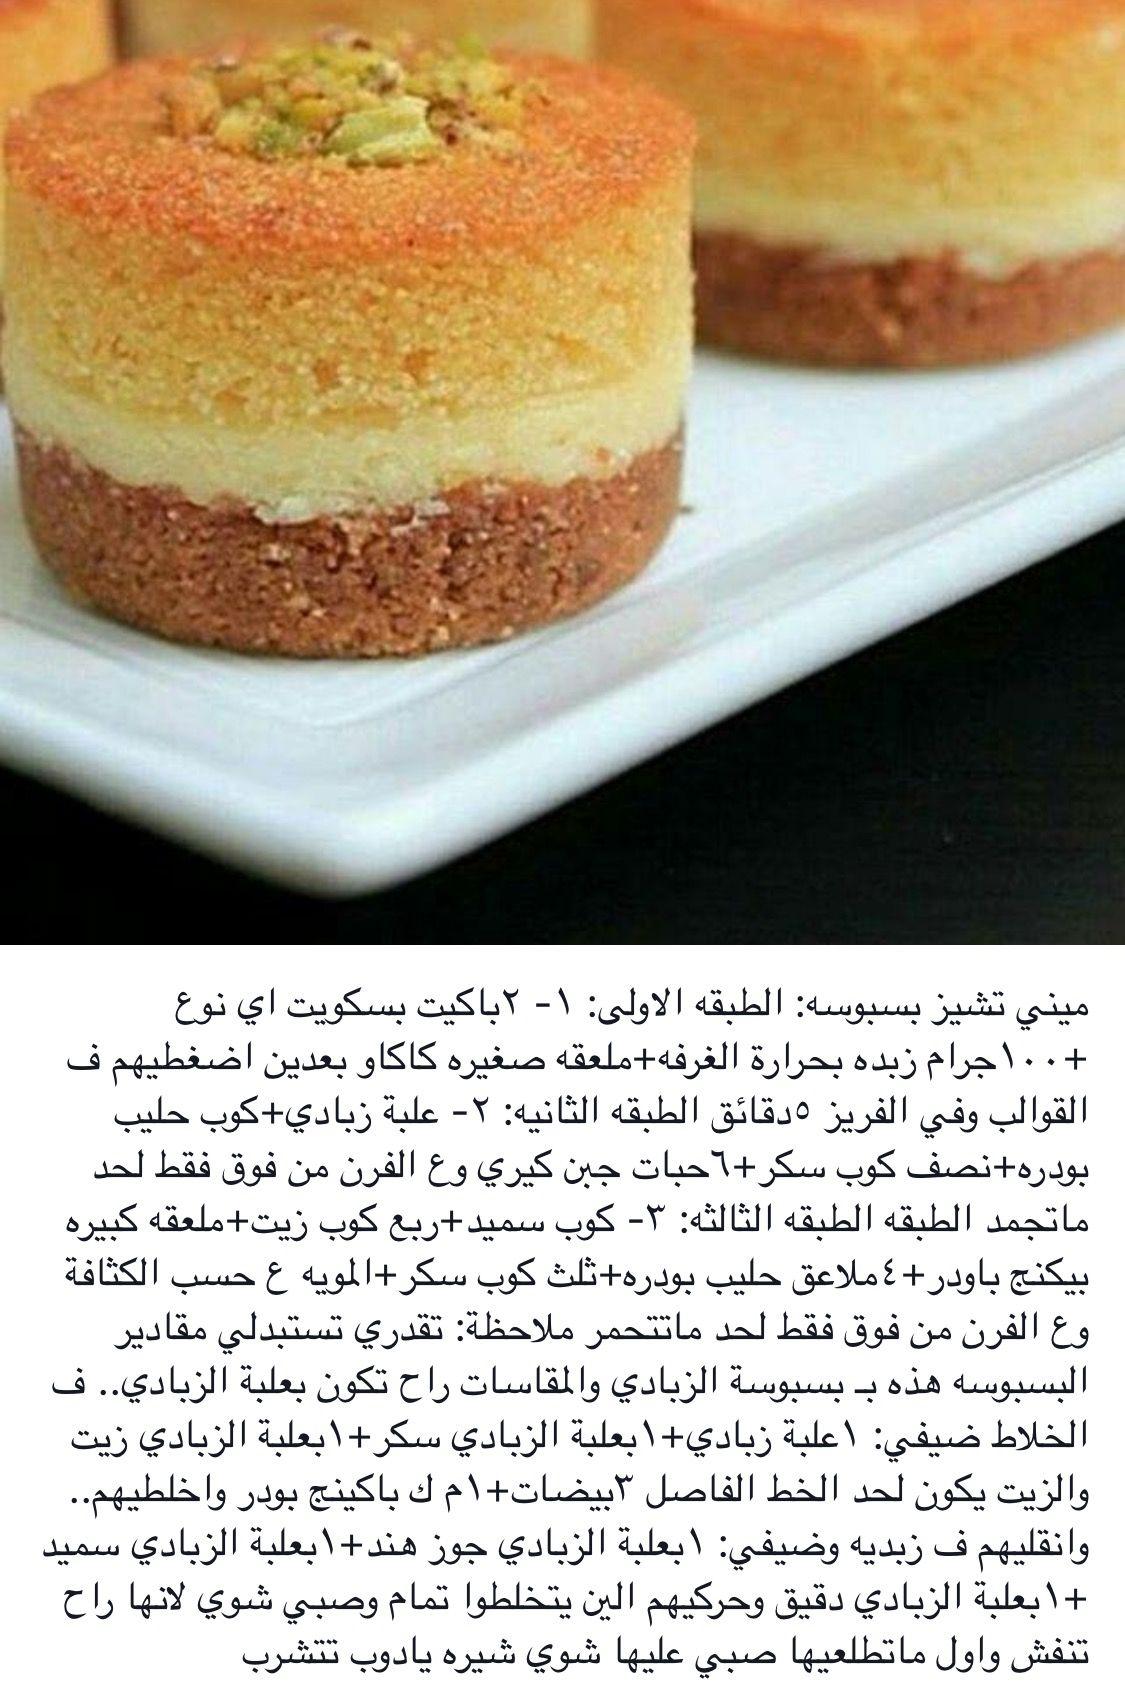 ميني تشيز البسبوسة Arabic Dessert Ramadan Sweets Desserts